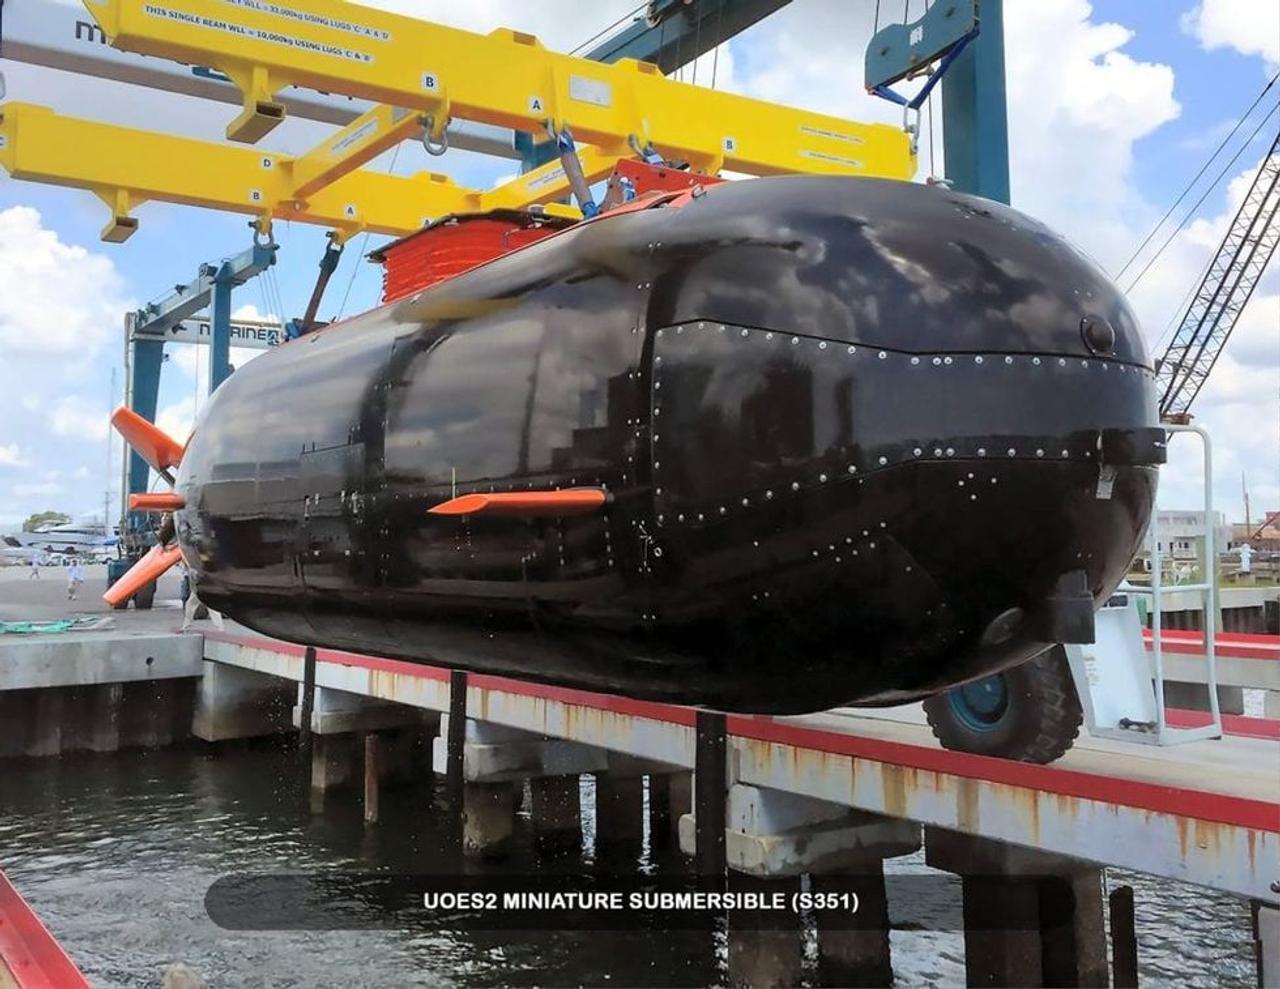 ВМС США испытывают мини-подводную лодку для скрытного перемещения «морских котиков»